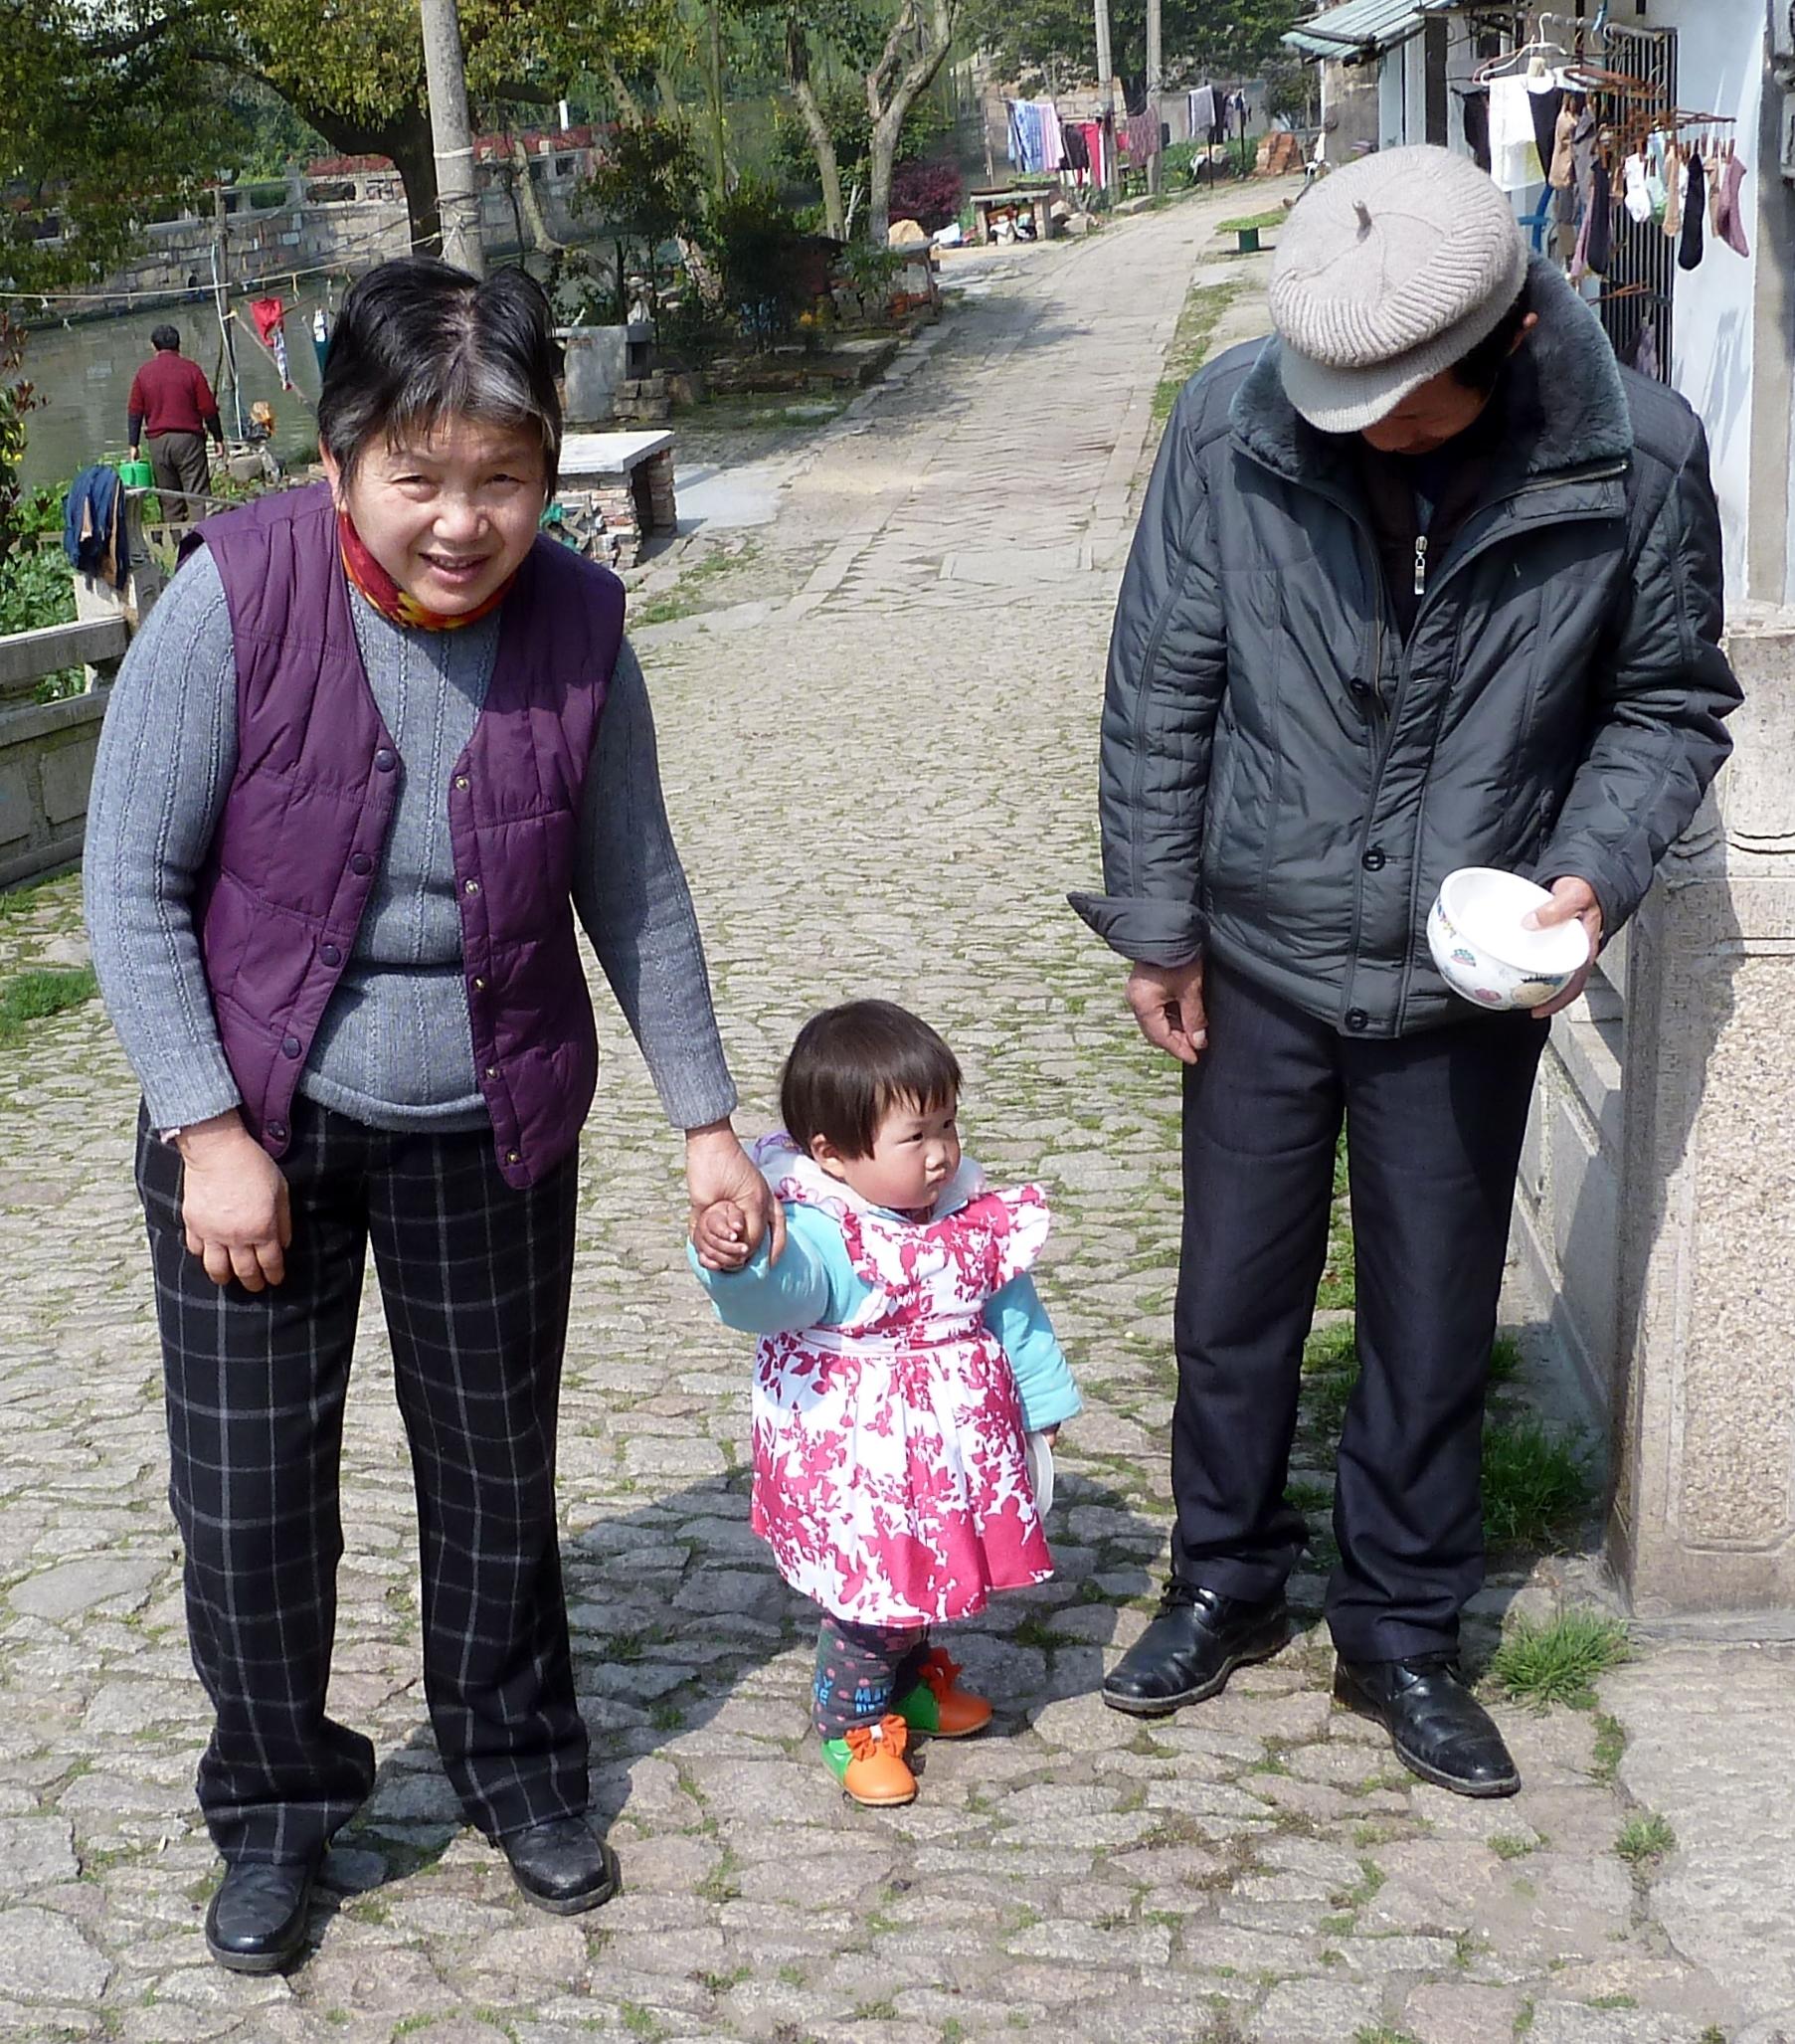 At være til stede som bedsteforældre giver glæde